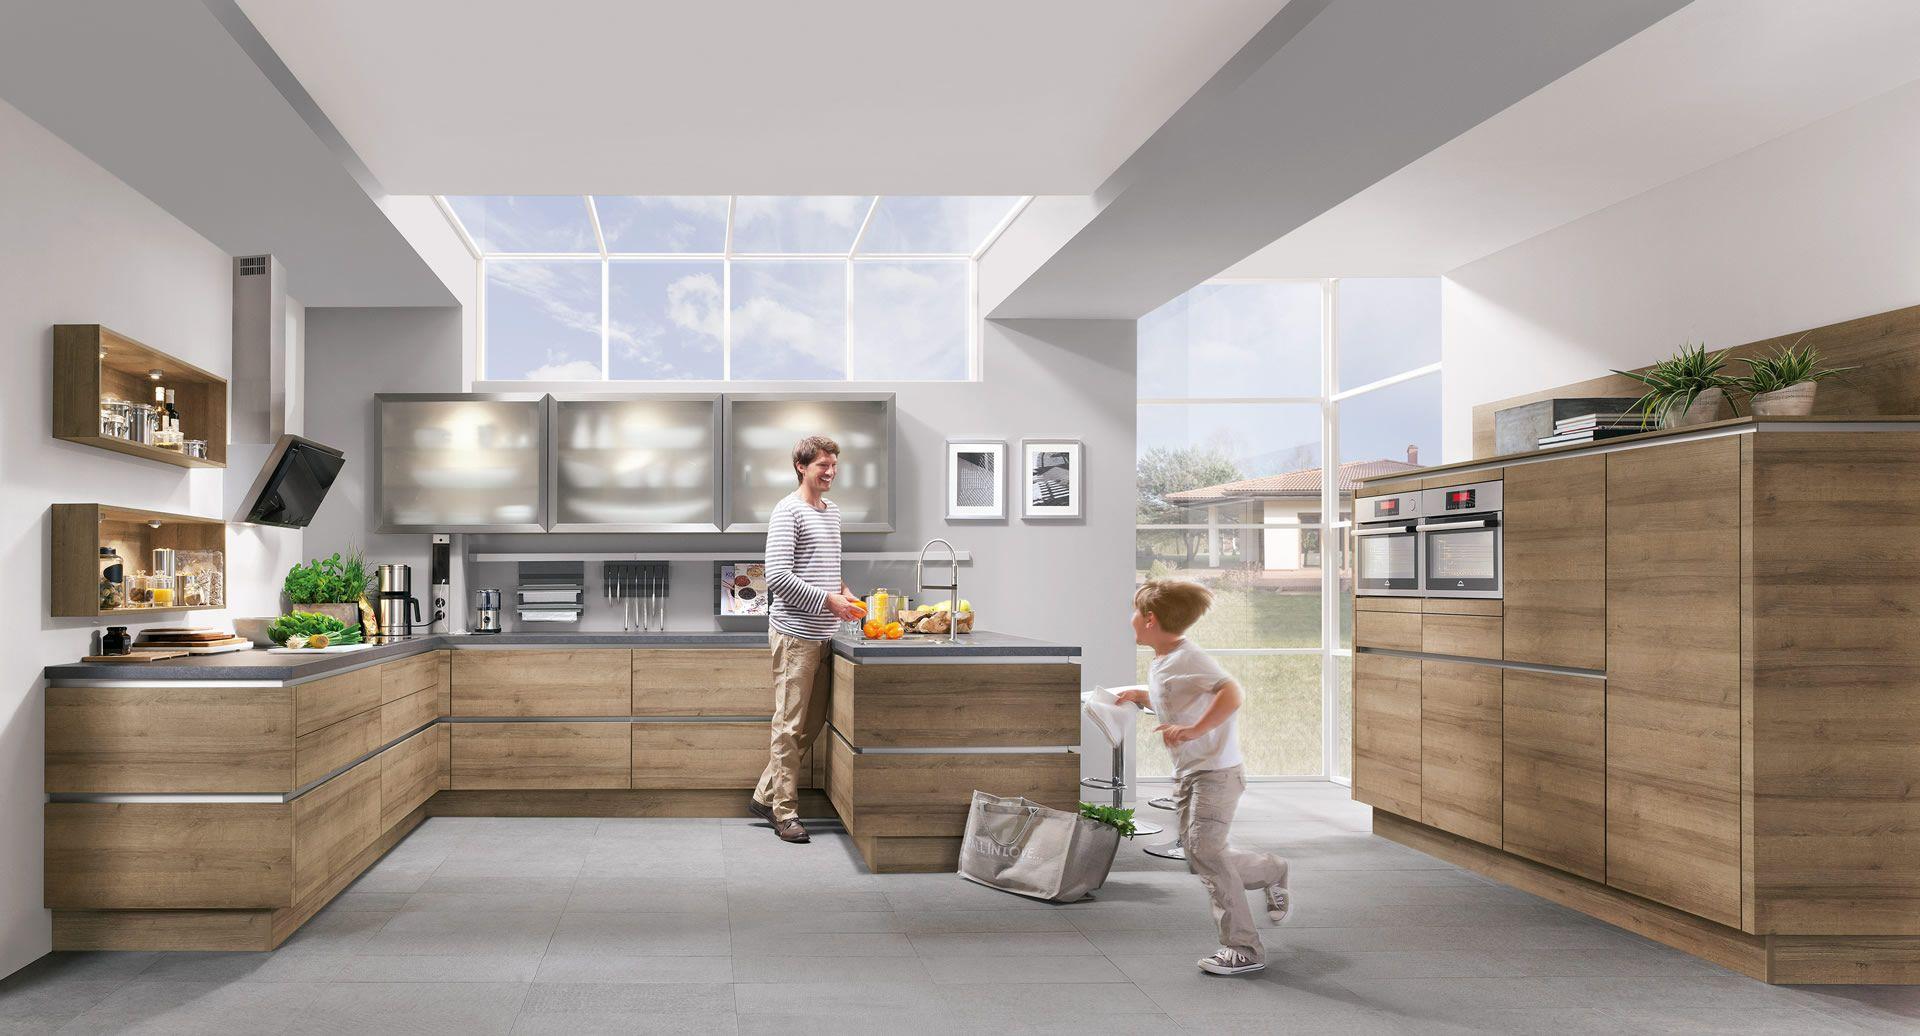 Fantastisch Küchenstühle Holzbearbeitungspläne Bilder - Ideen Für ...